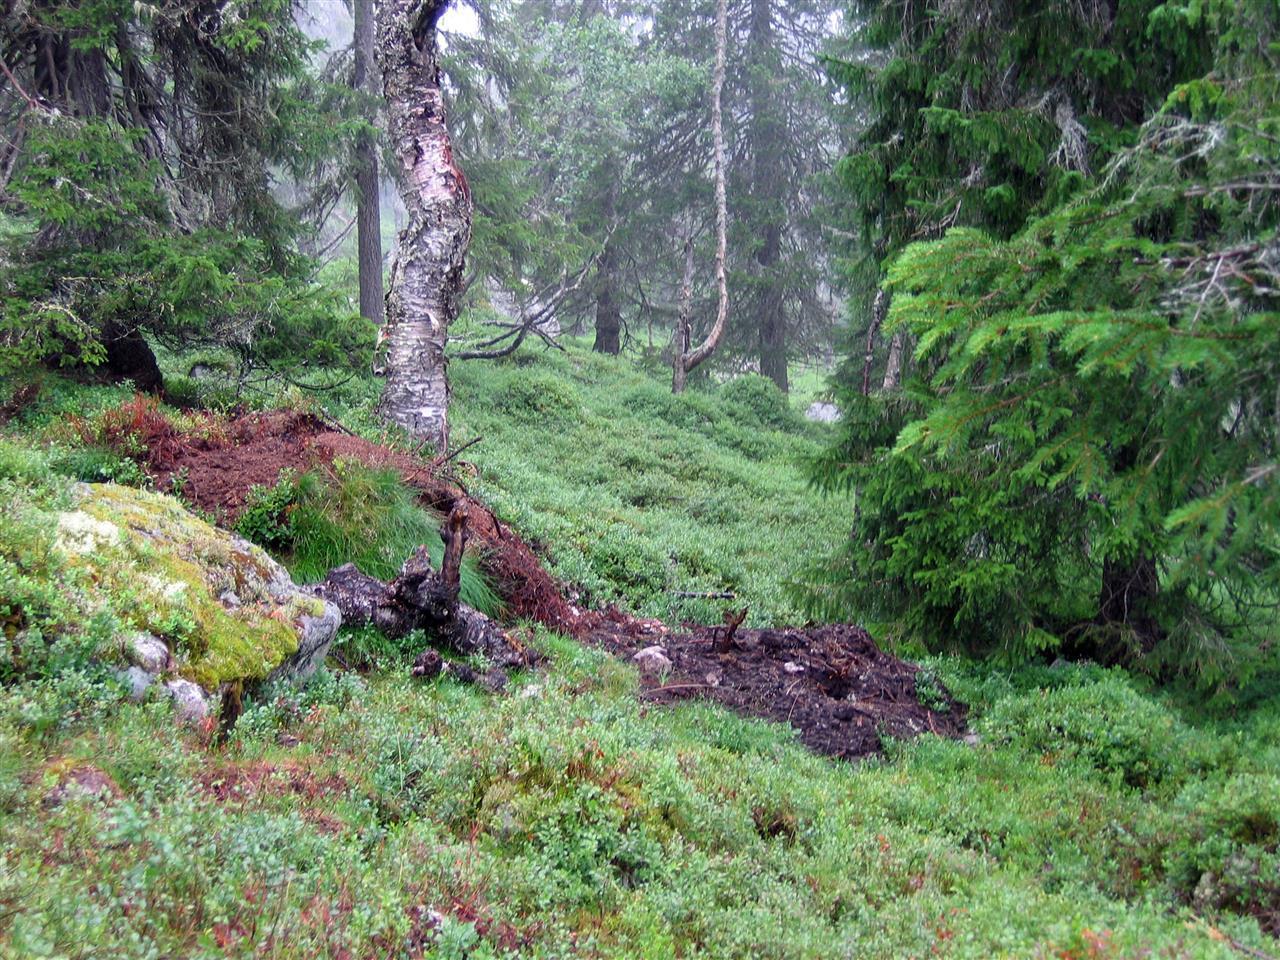 Et sammenrast bjørnehi i skogen